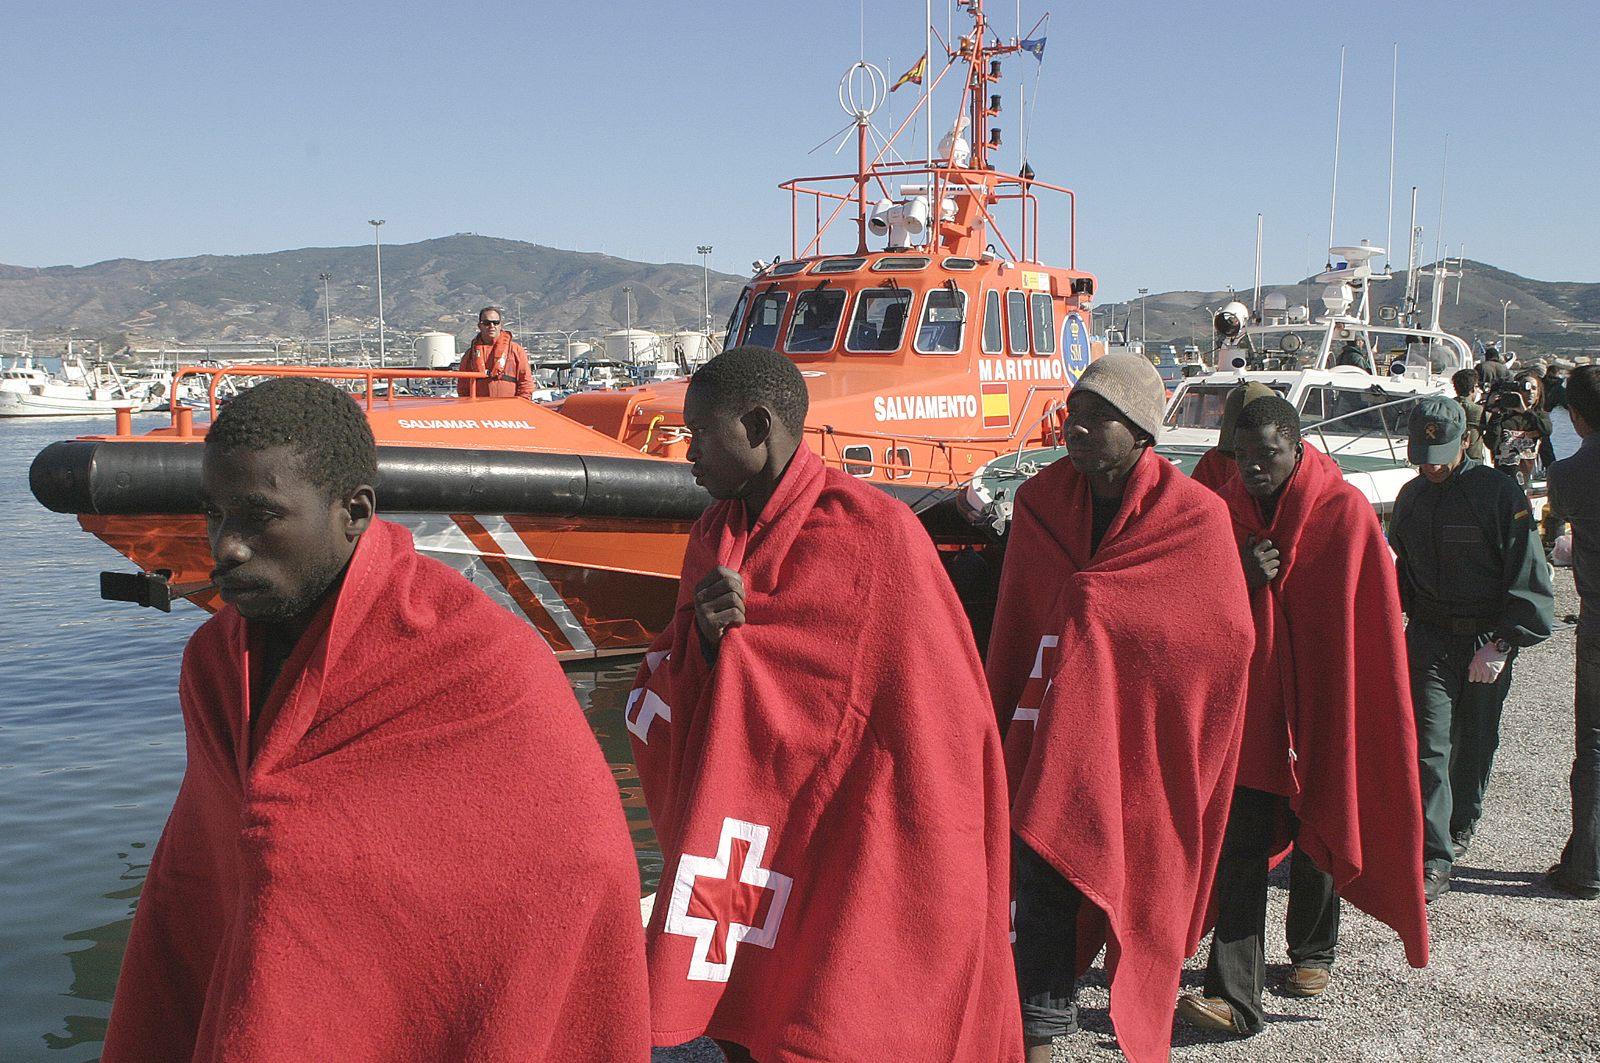 Llegada de inmigrantes ilegales al puerto de Motril (Granada).